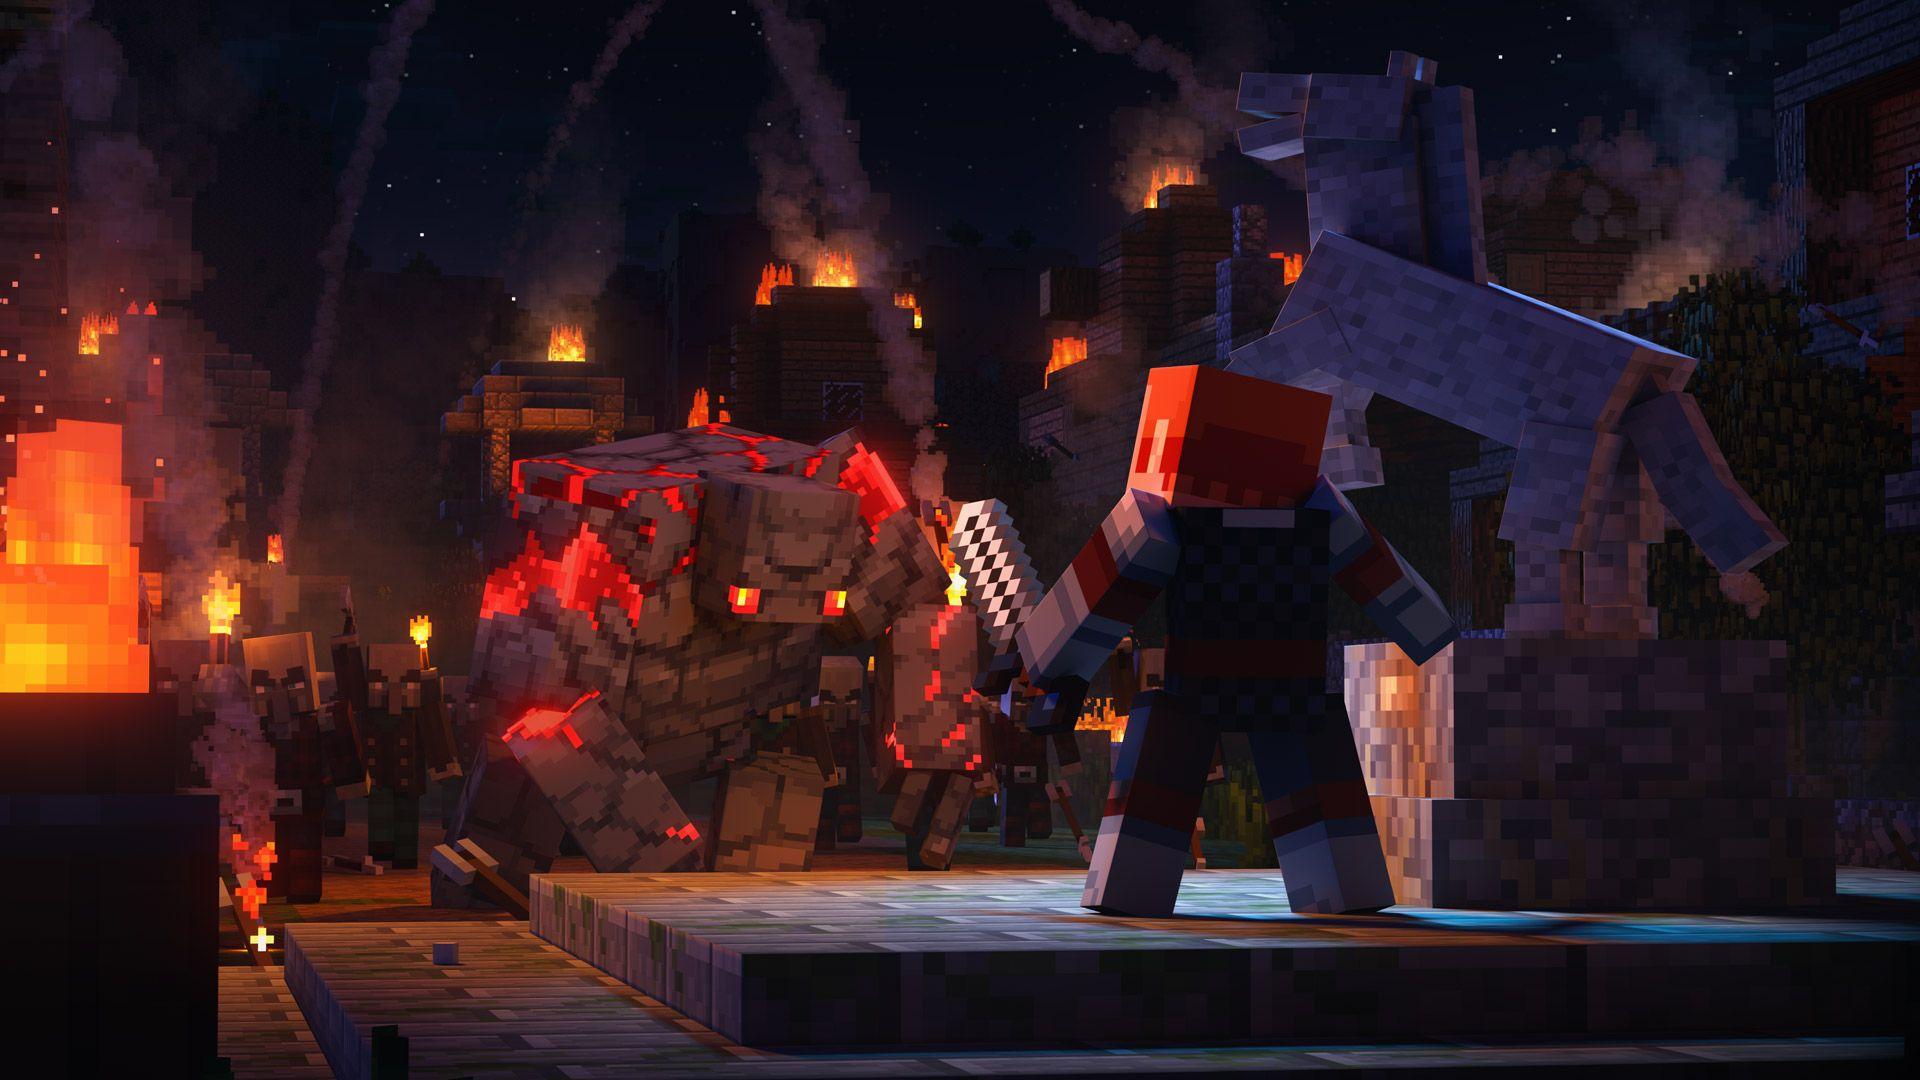 minecraft dungeons game wallpaper 71277